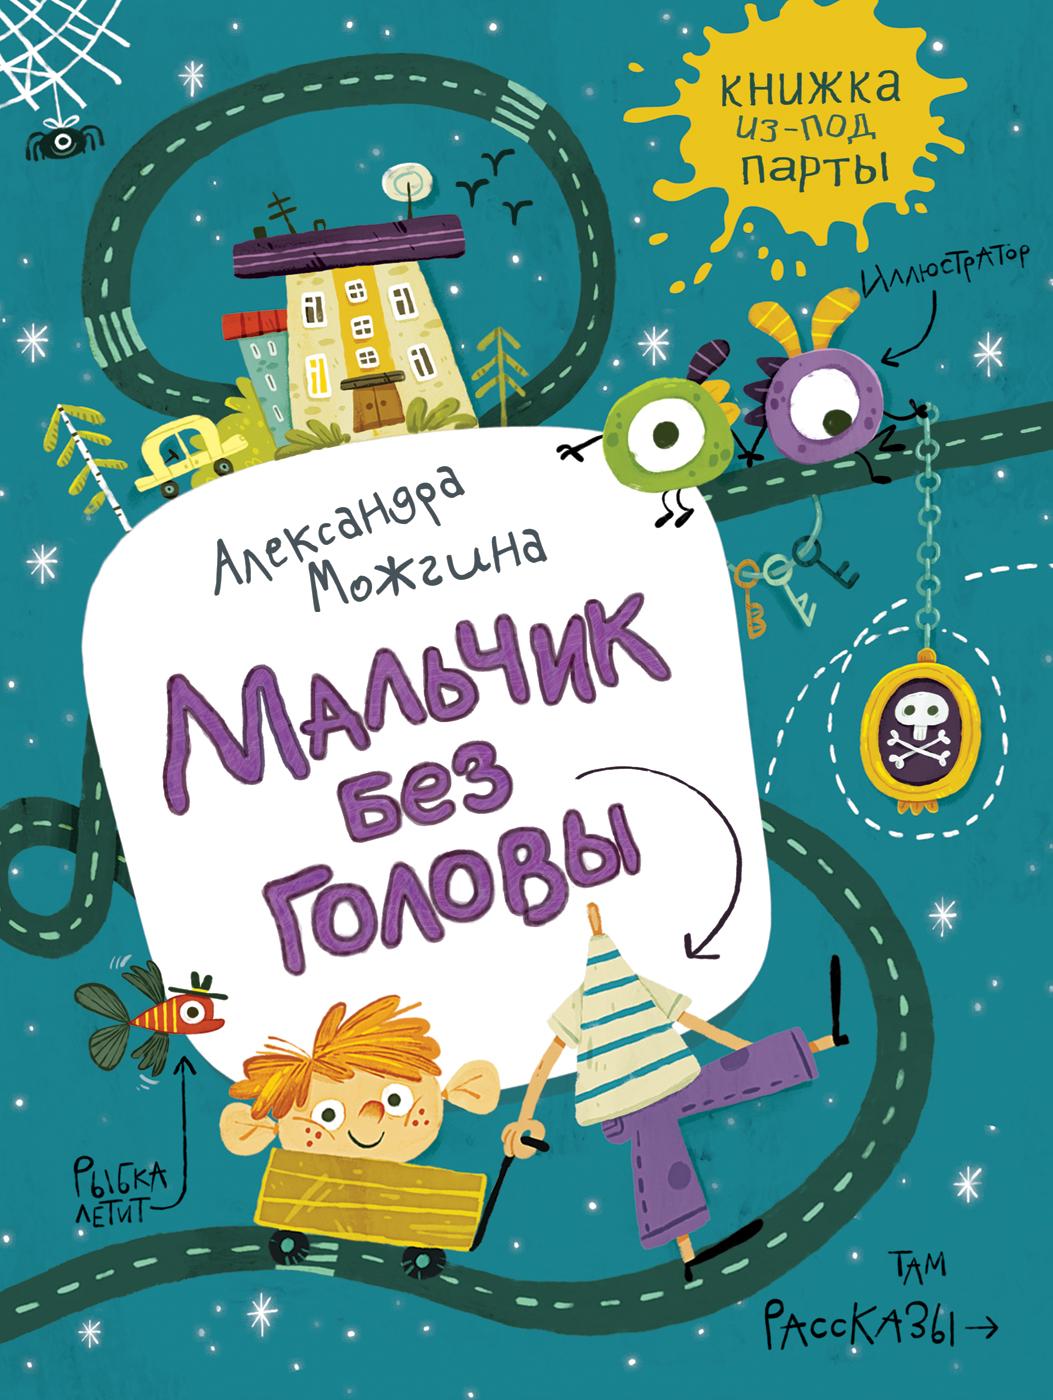 Можгина А. Мальчик без головы. Рассказы (Книжка из-под парты)